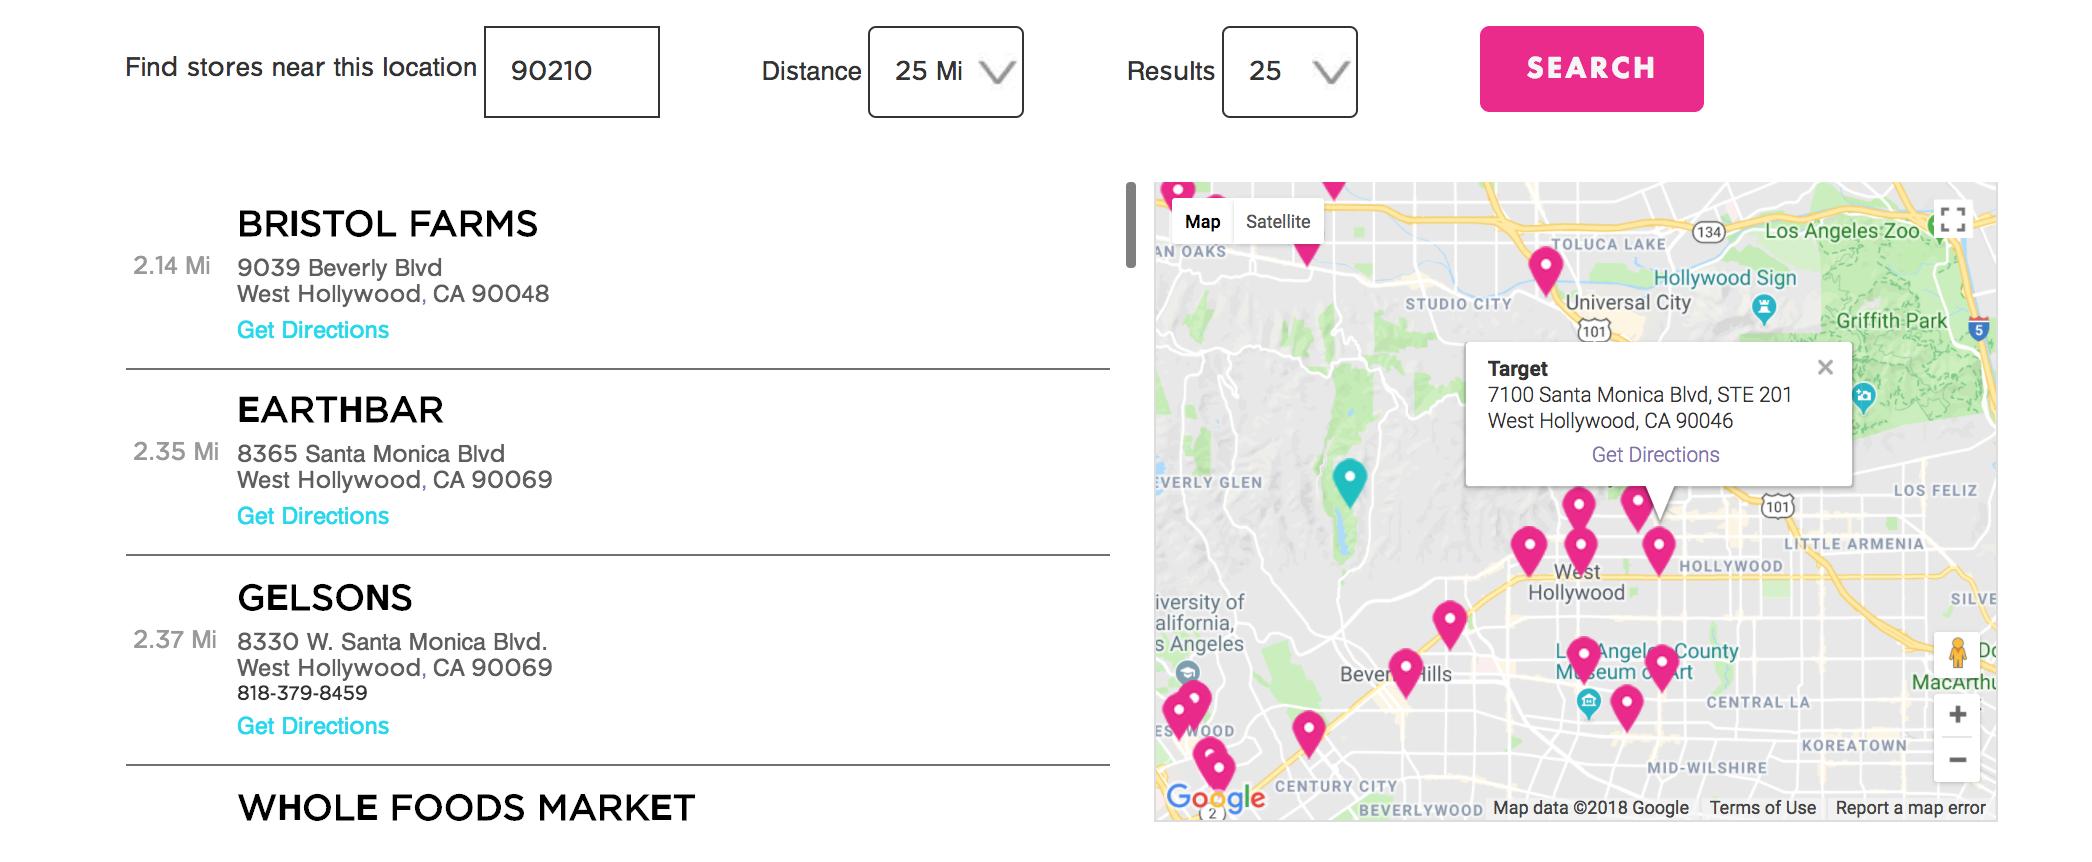 store locator search results